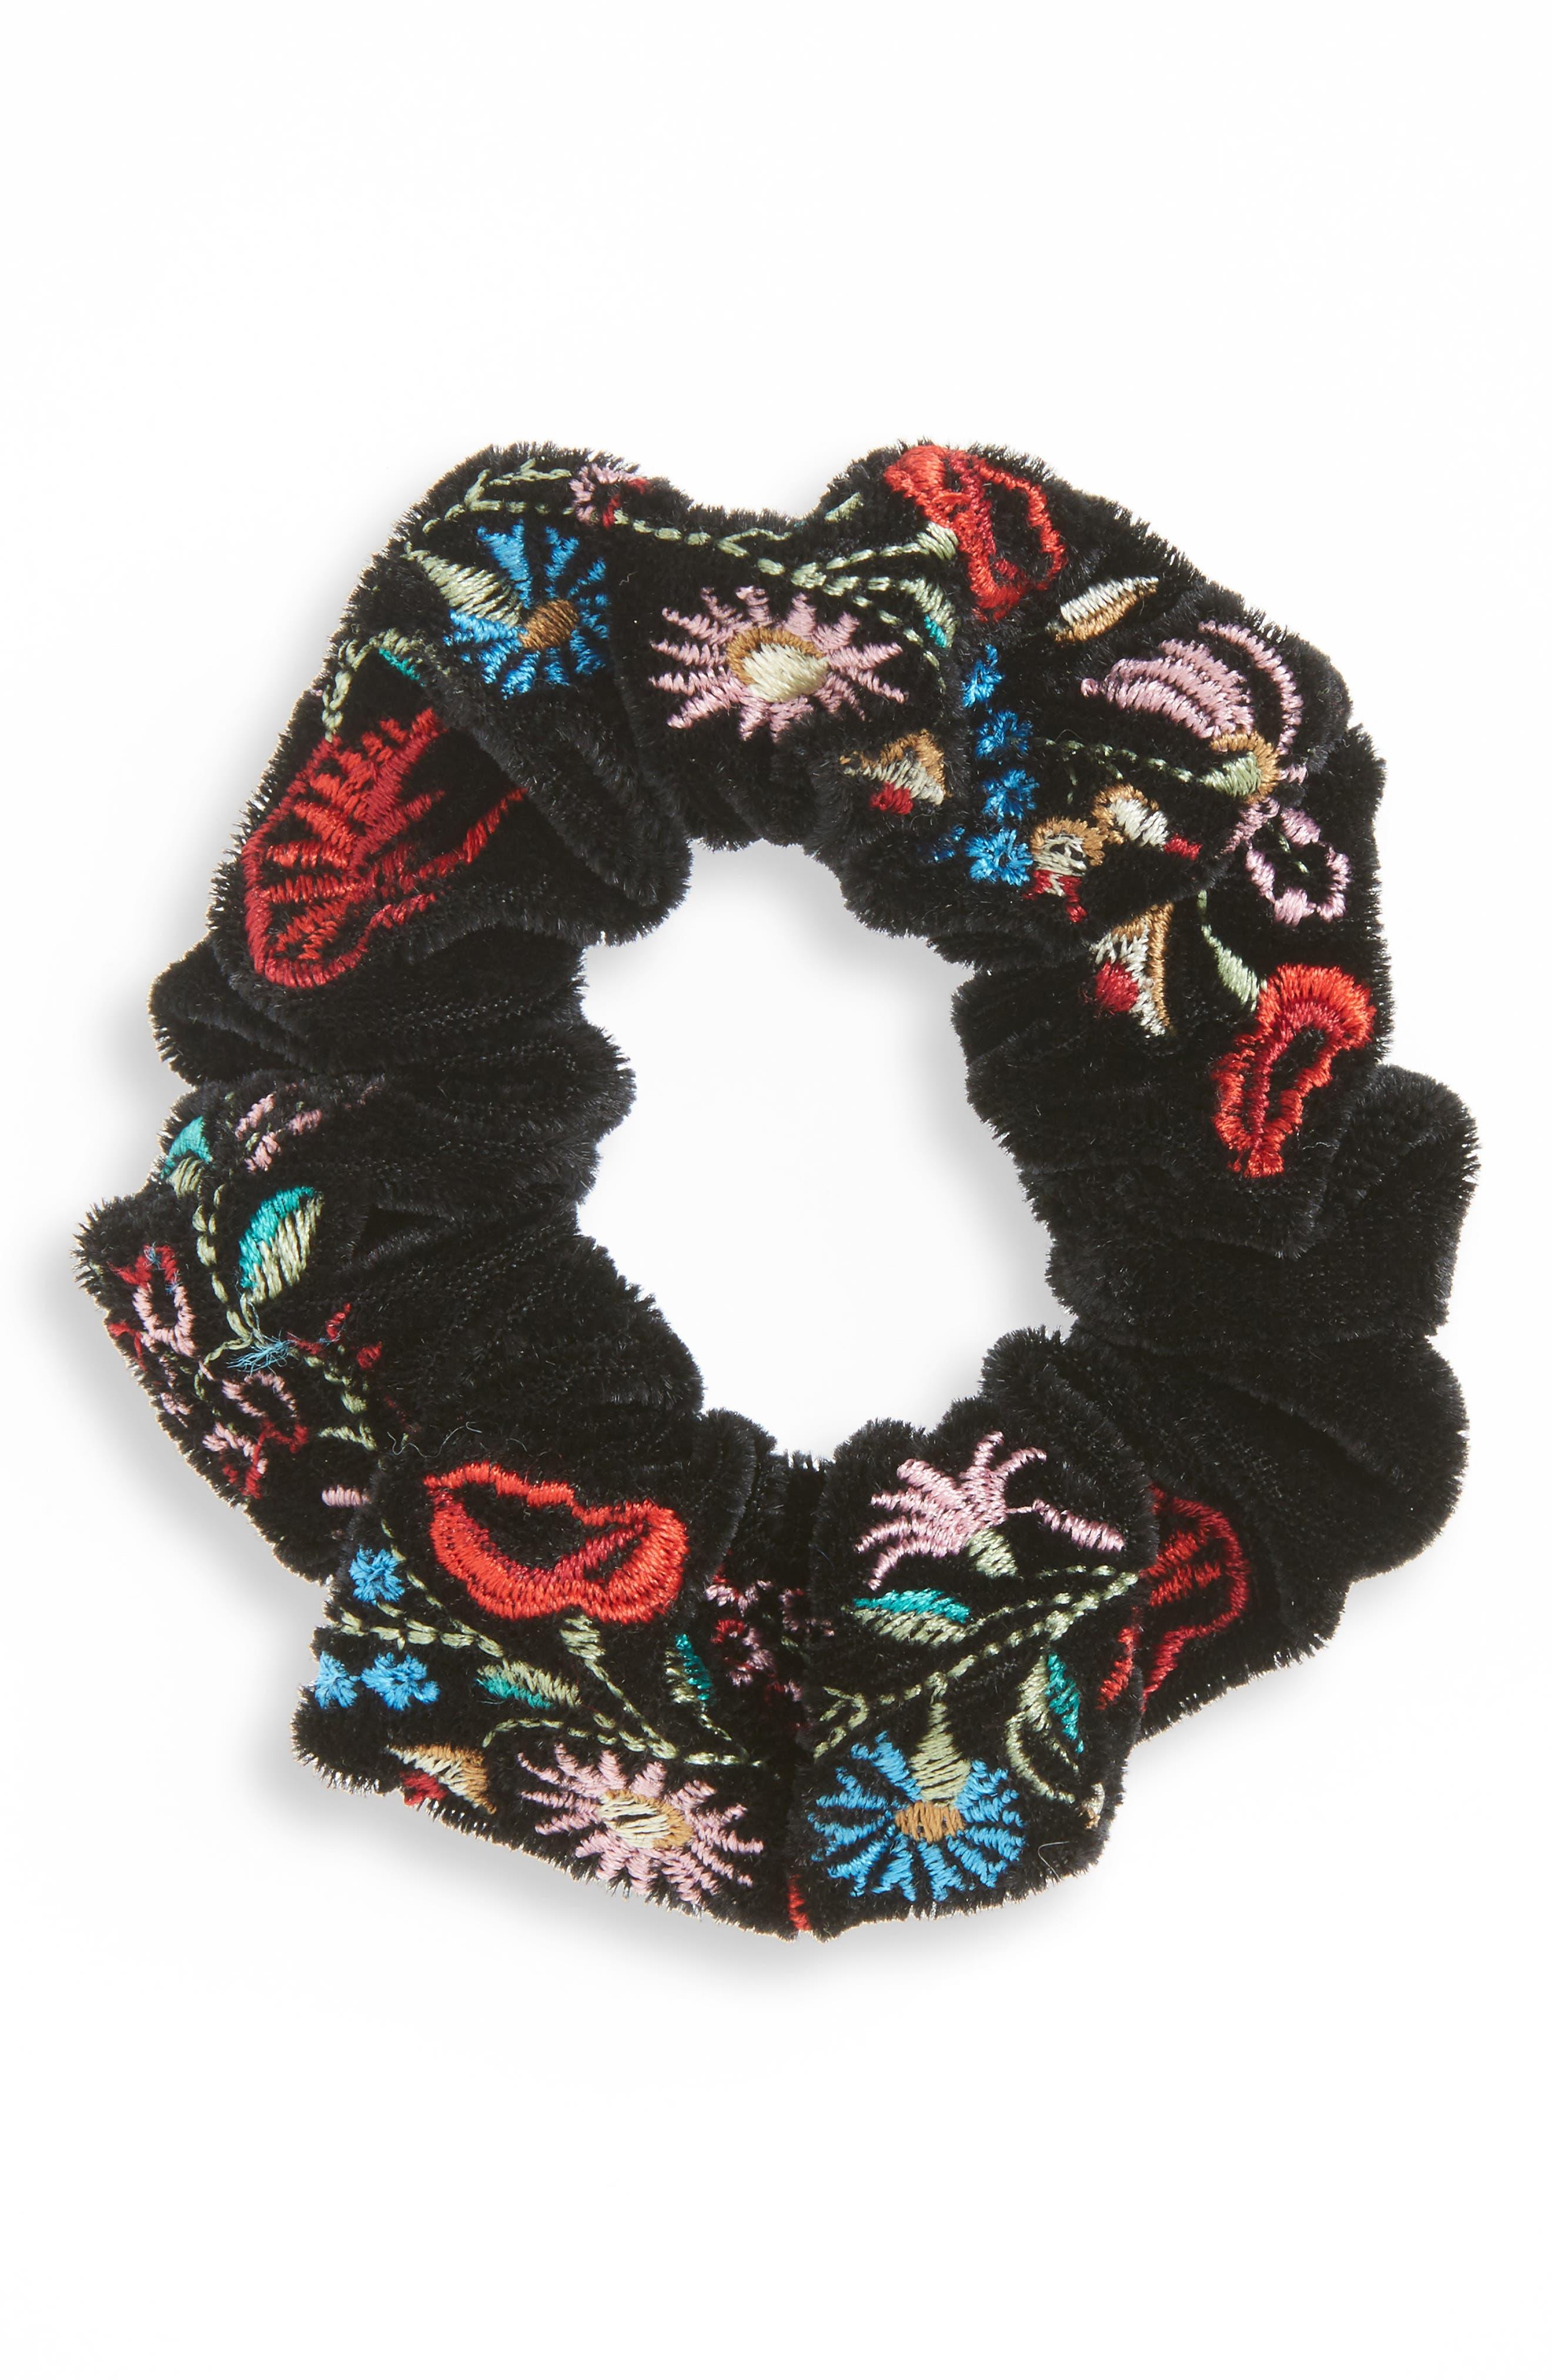 Alternate Image 1 Selected - Capelli New York Embroidered Velvet Scrunchie (Big Girls)